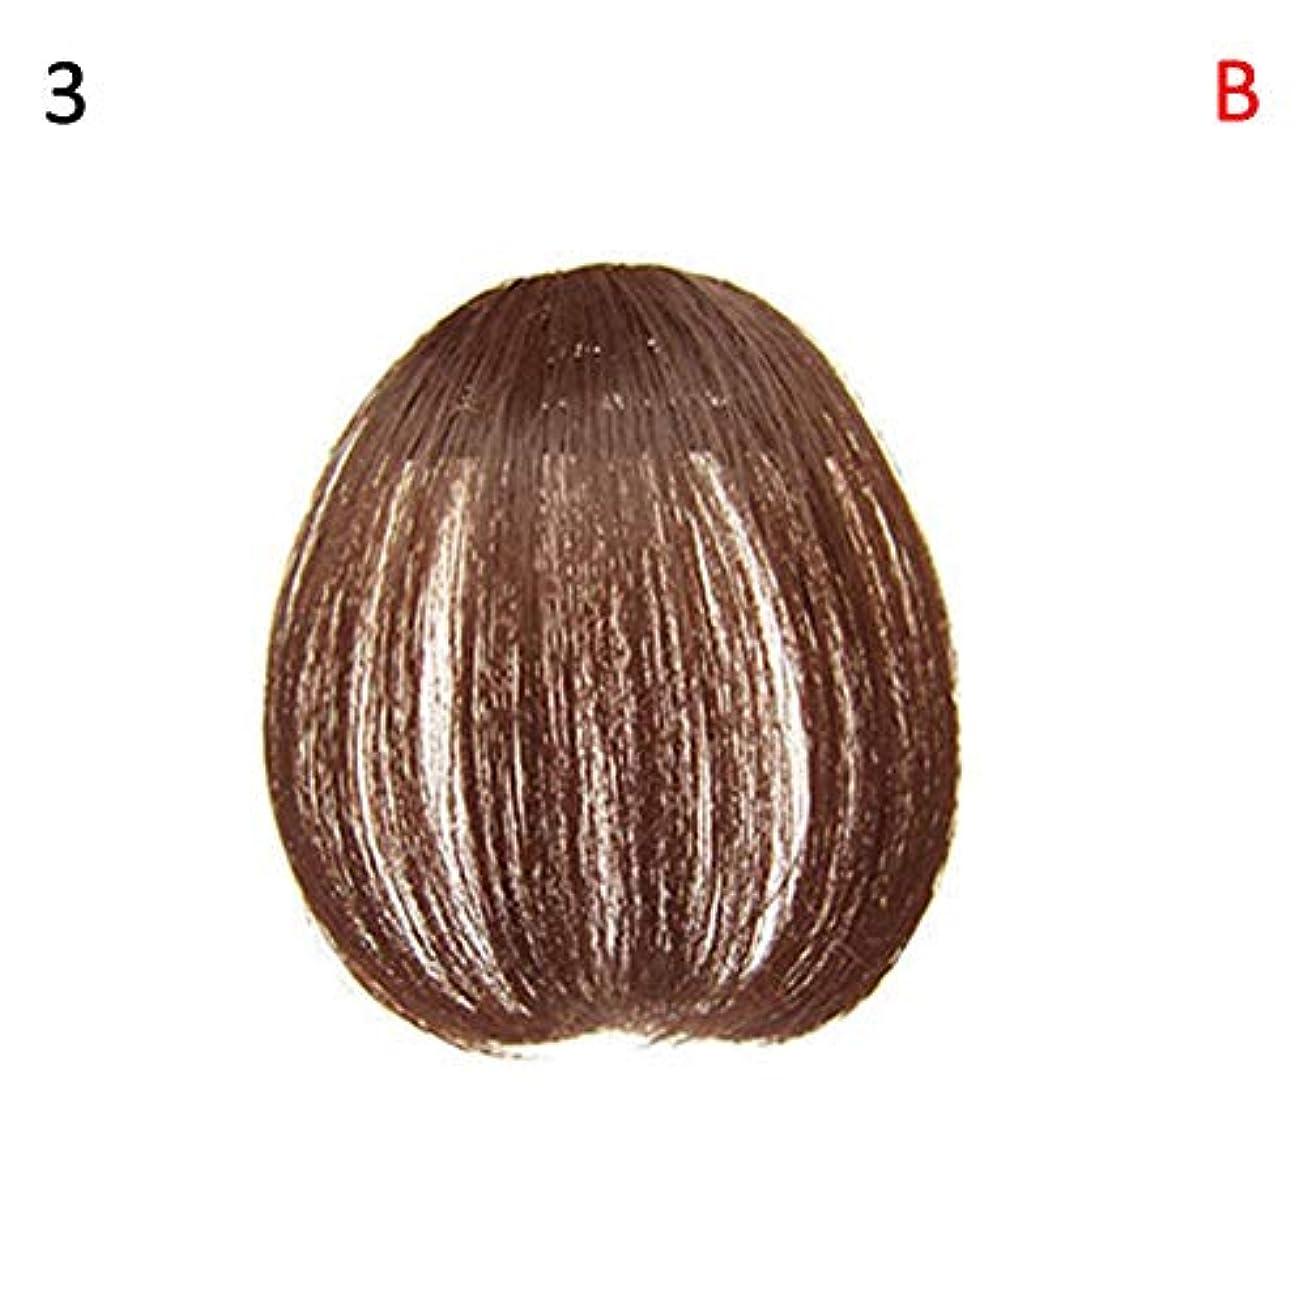 コテージ真空ベリーslQinjiansav女性ウィッグ修理ツールファッションレディース薄いクリップオンエアバンフロントフリンジウィッグヘアエクステンションヘアピース